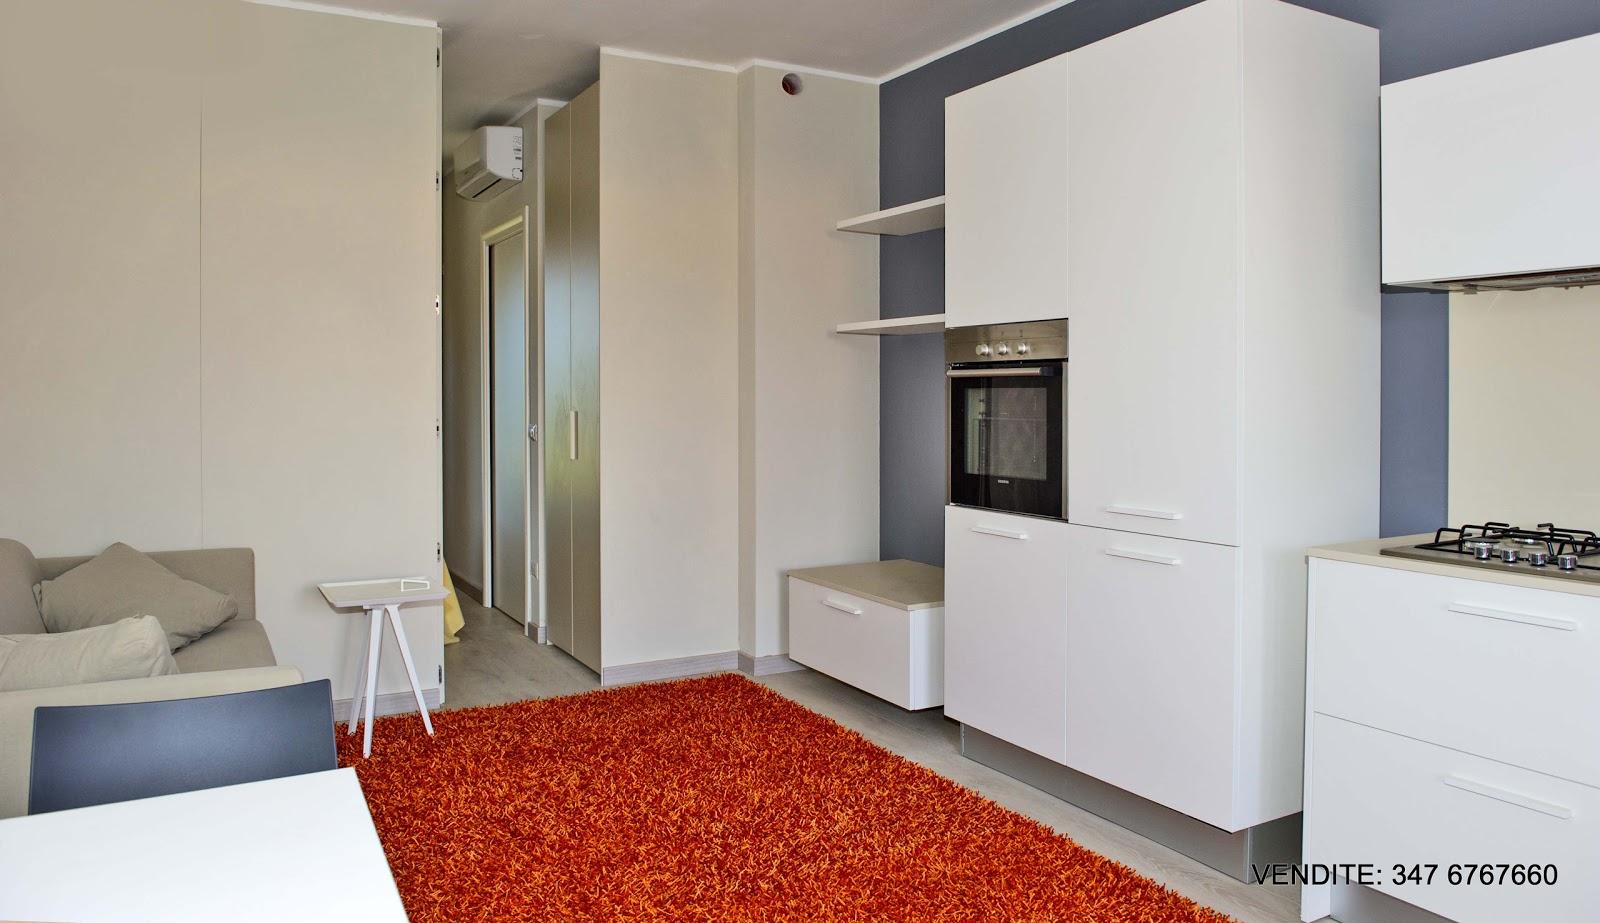 Bagno Moderno Marina Grosseto : Immobiliare a grosseto portale delle case in